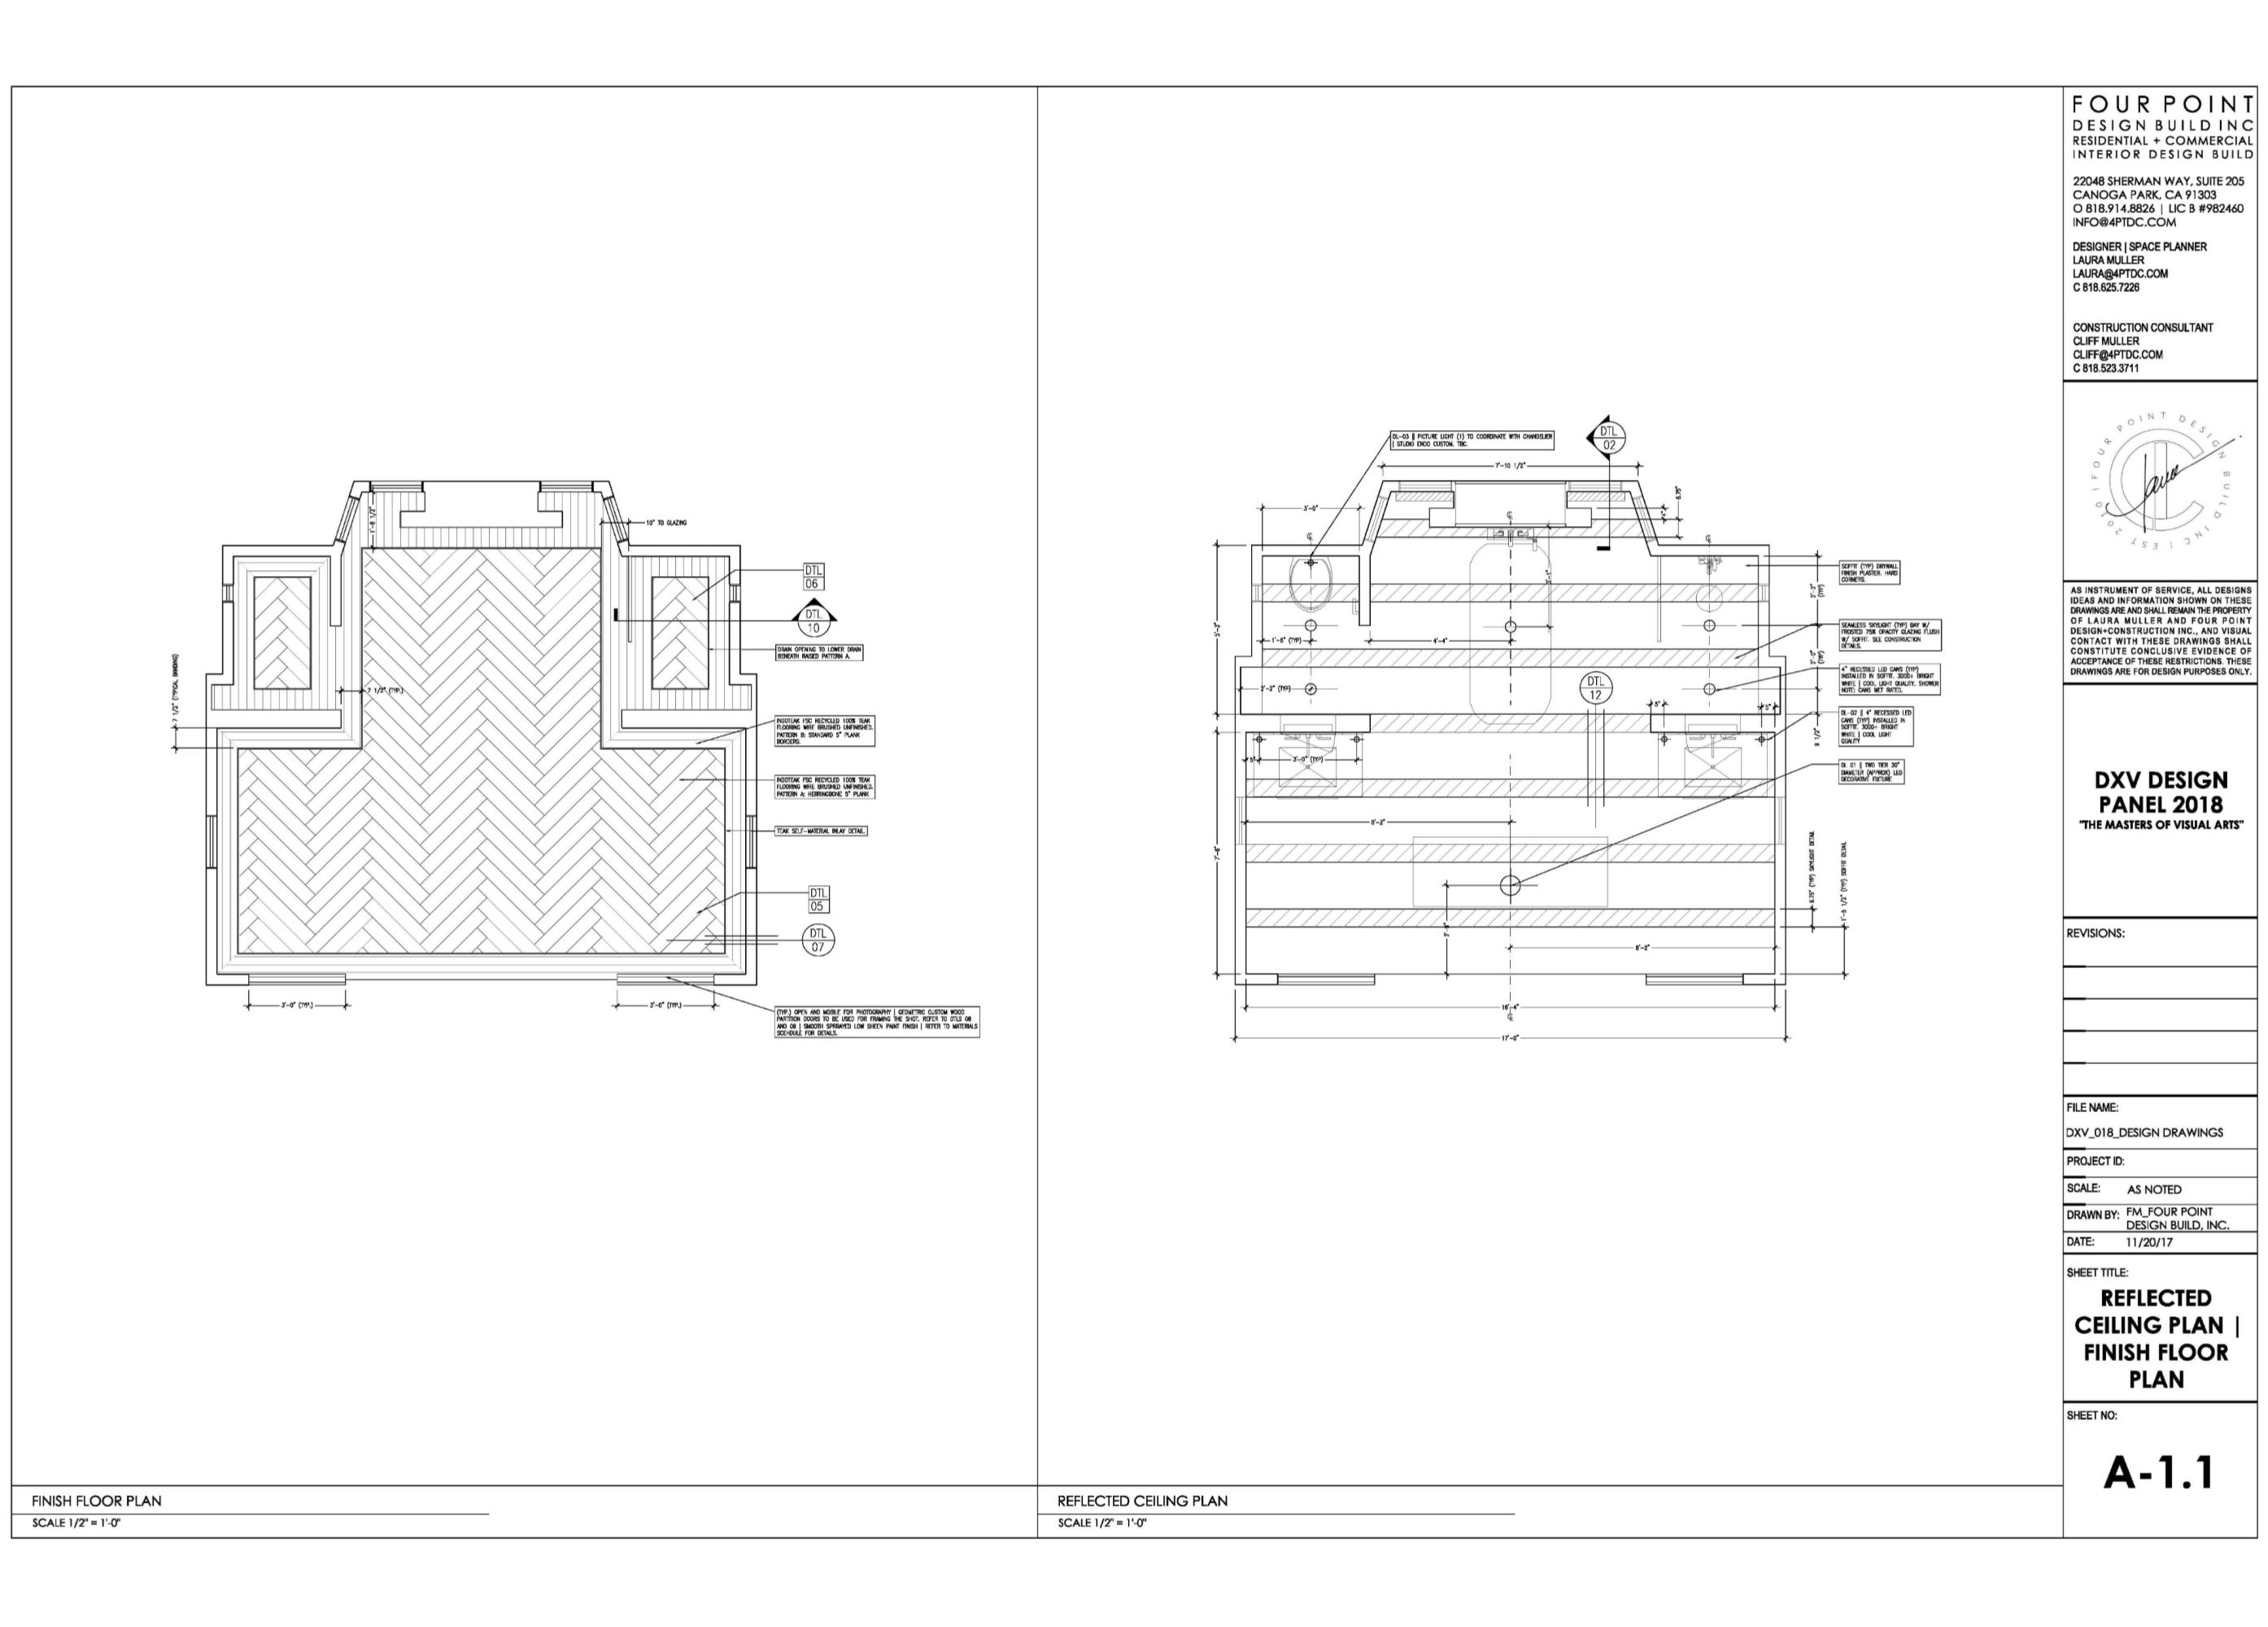 Dxv Design Panel A Dream Come True